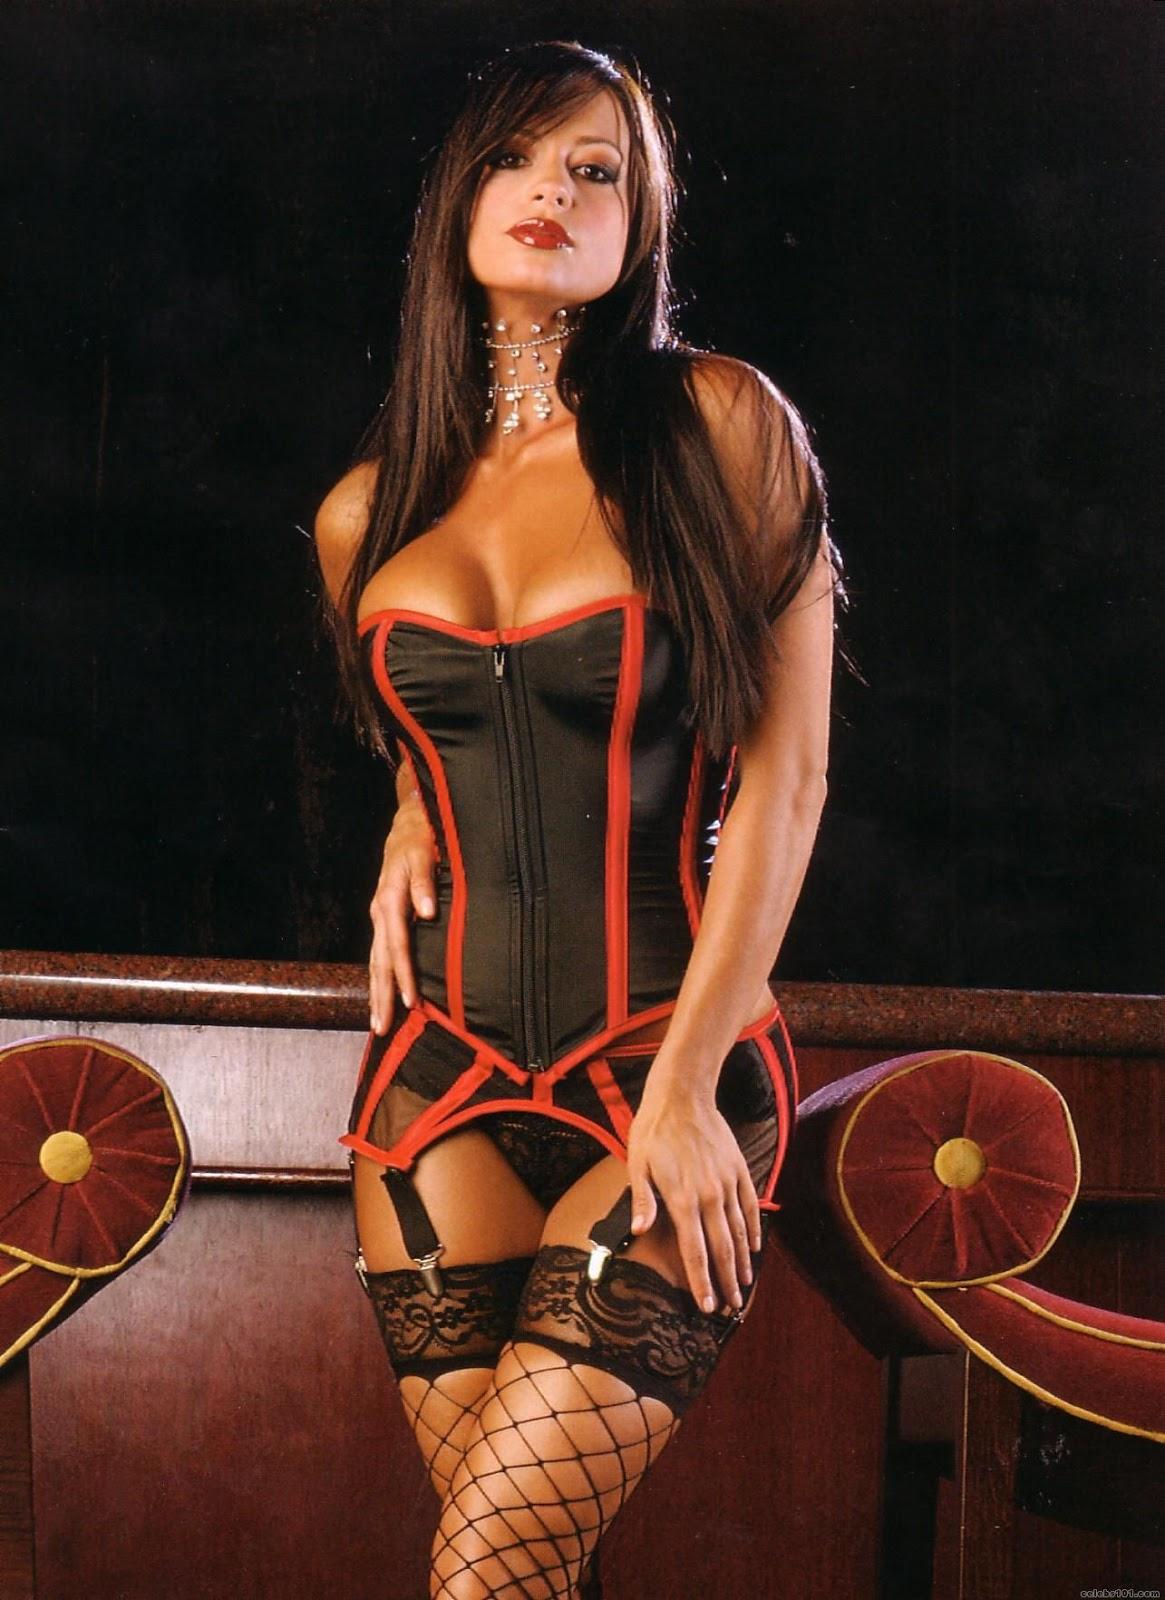 Candice Michelle Biography and Latest Post Bikini Pics ...